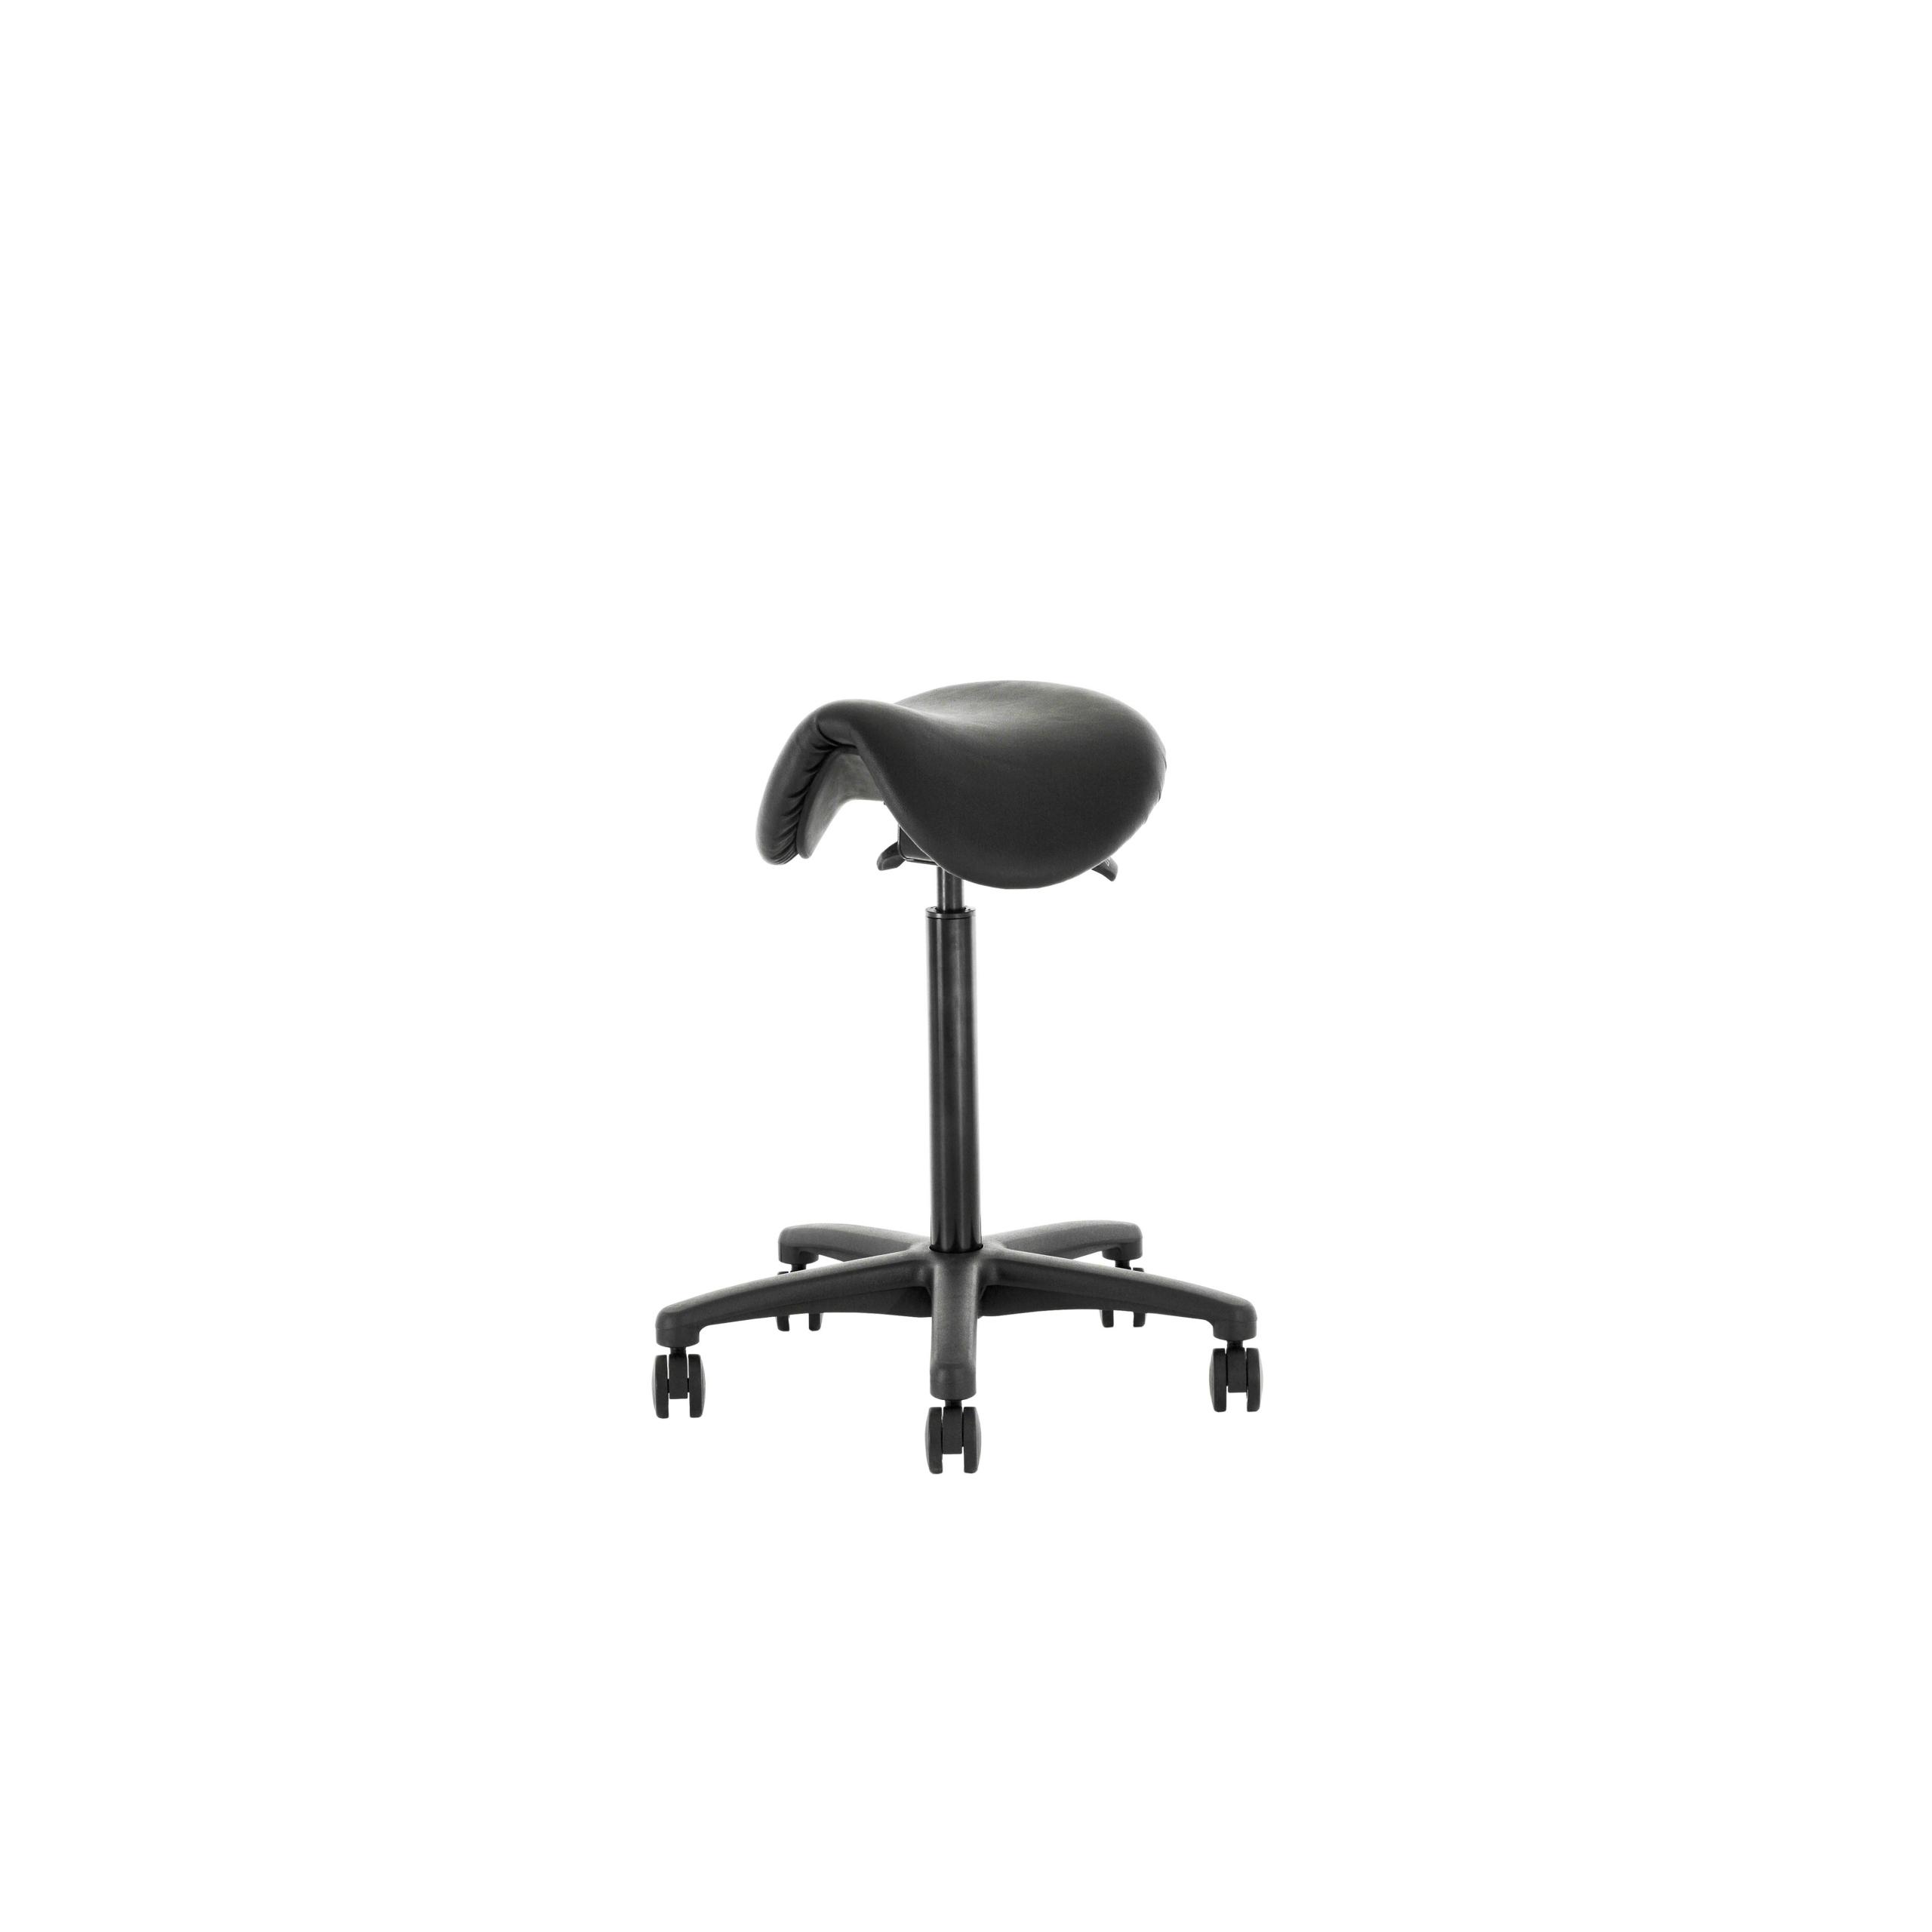 Saddle seat Kontorsstol med sadelsits produktbild 3